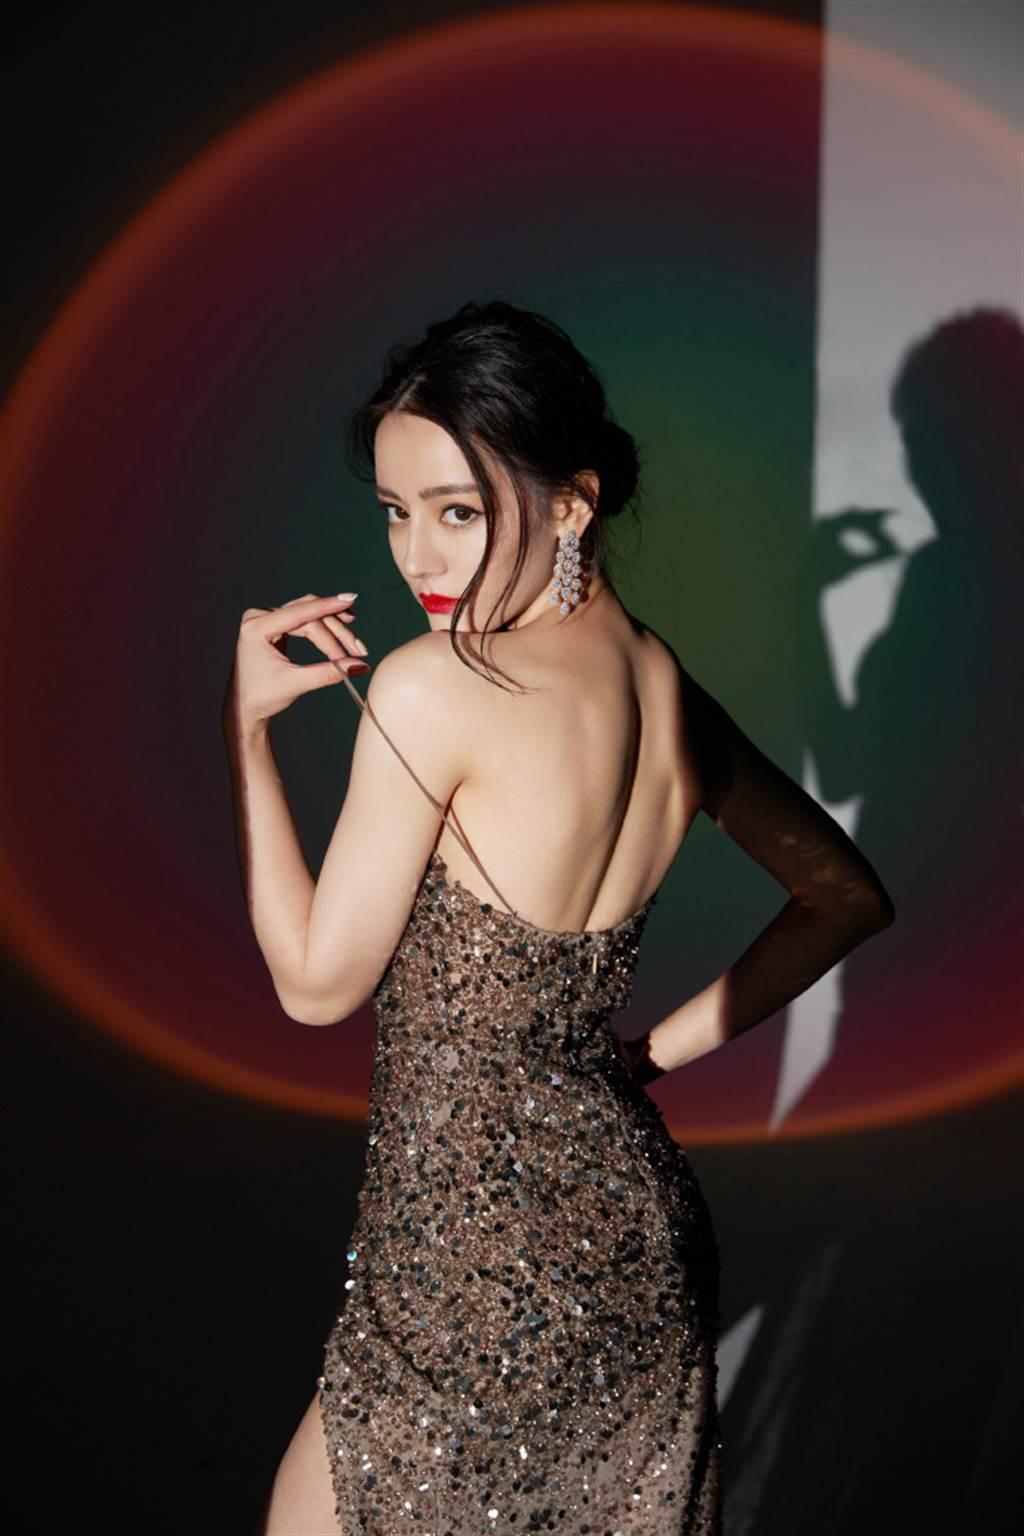 迪丽热巴性感拉肩带、晒美背,性感爆表。(图/取材自嘉行迪丽热巴工作室微博)